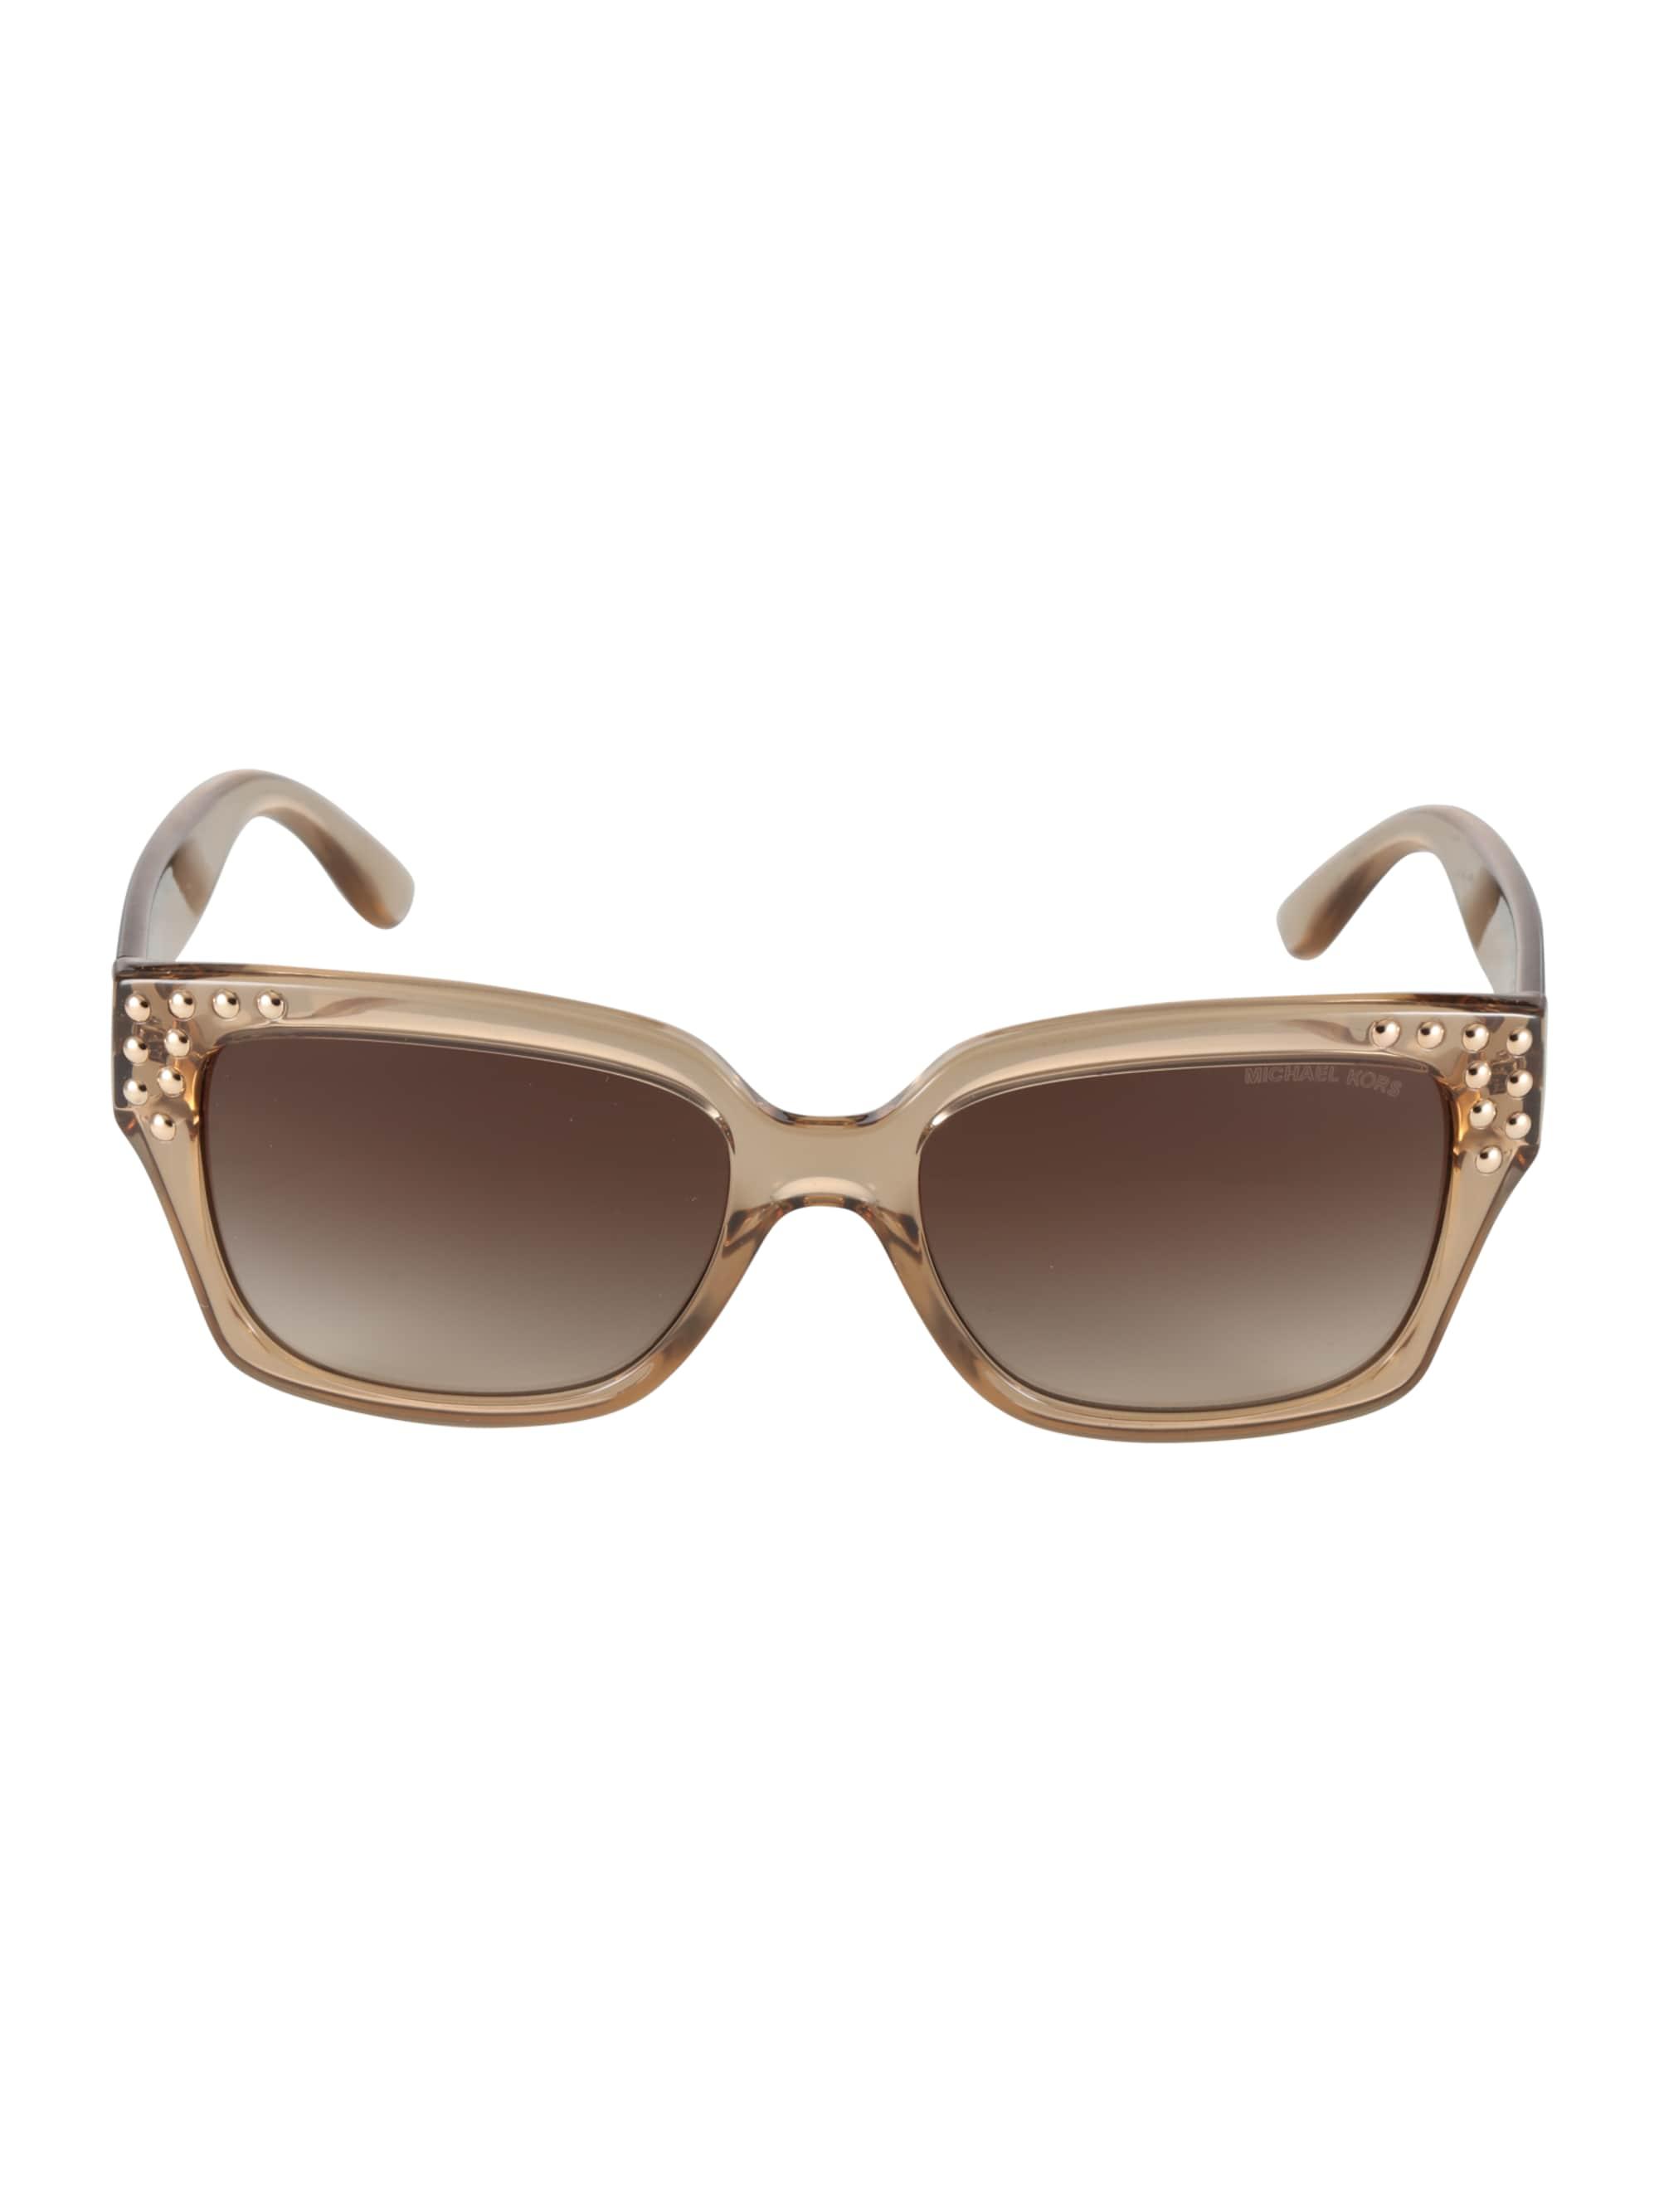 Michael Kors Okulary przeciwsłoneczne 'BANFF'  jasnobrązowy / przeźroczysty